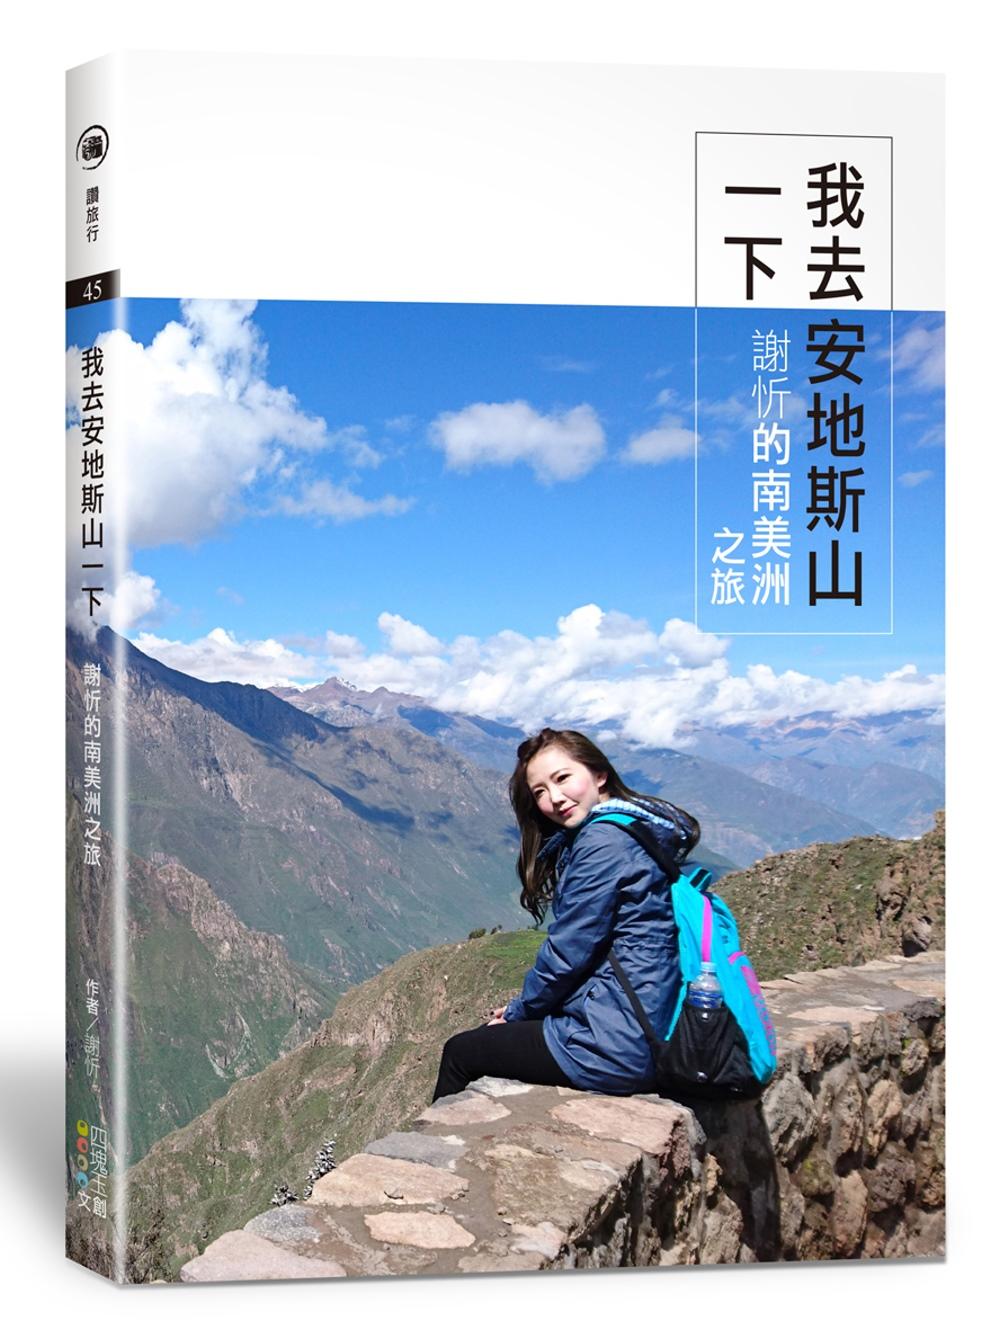 我去安地斯山一下:謝忻的南美洲之旅(限量簽名版)